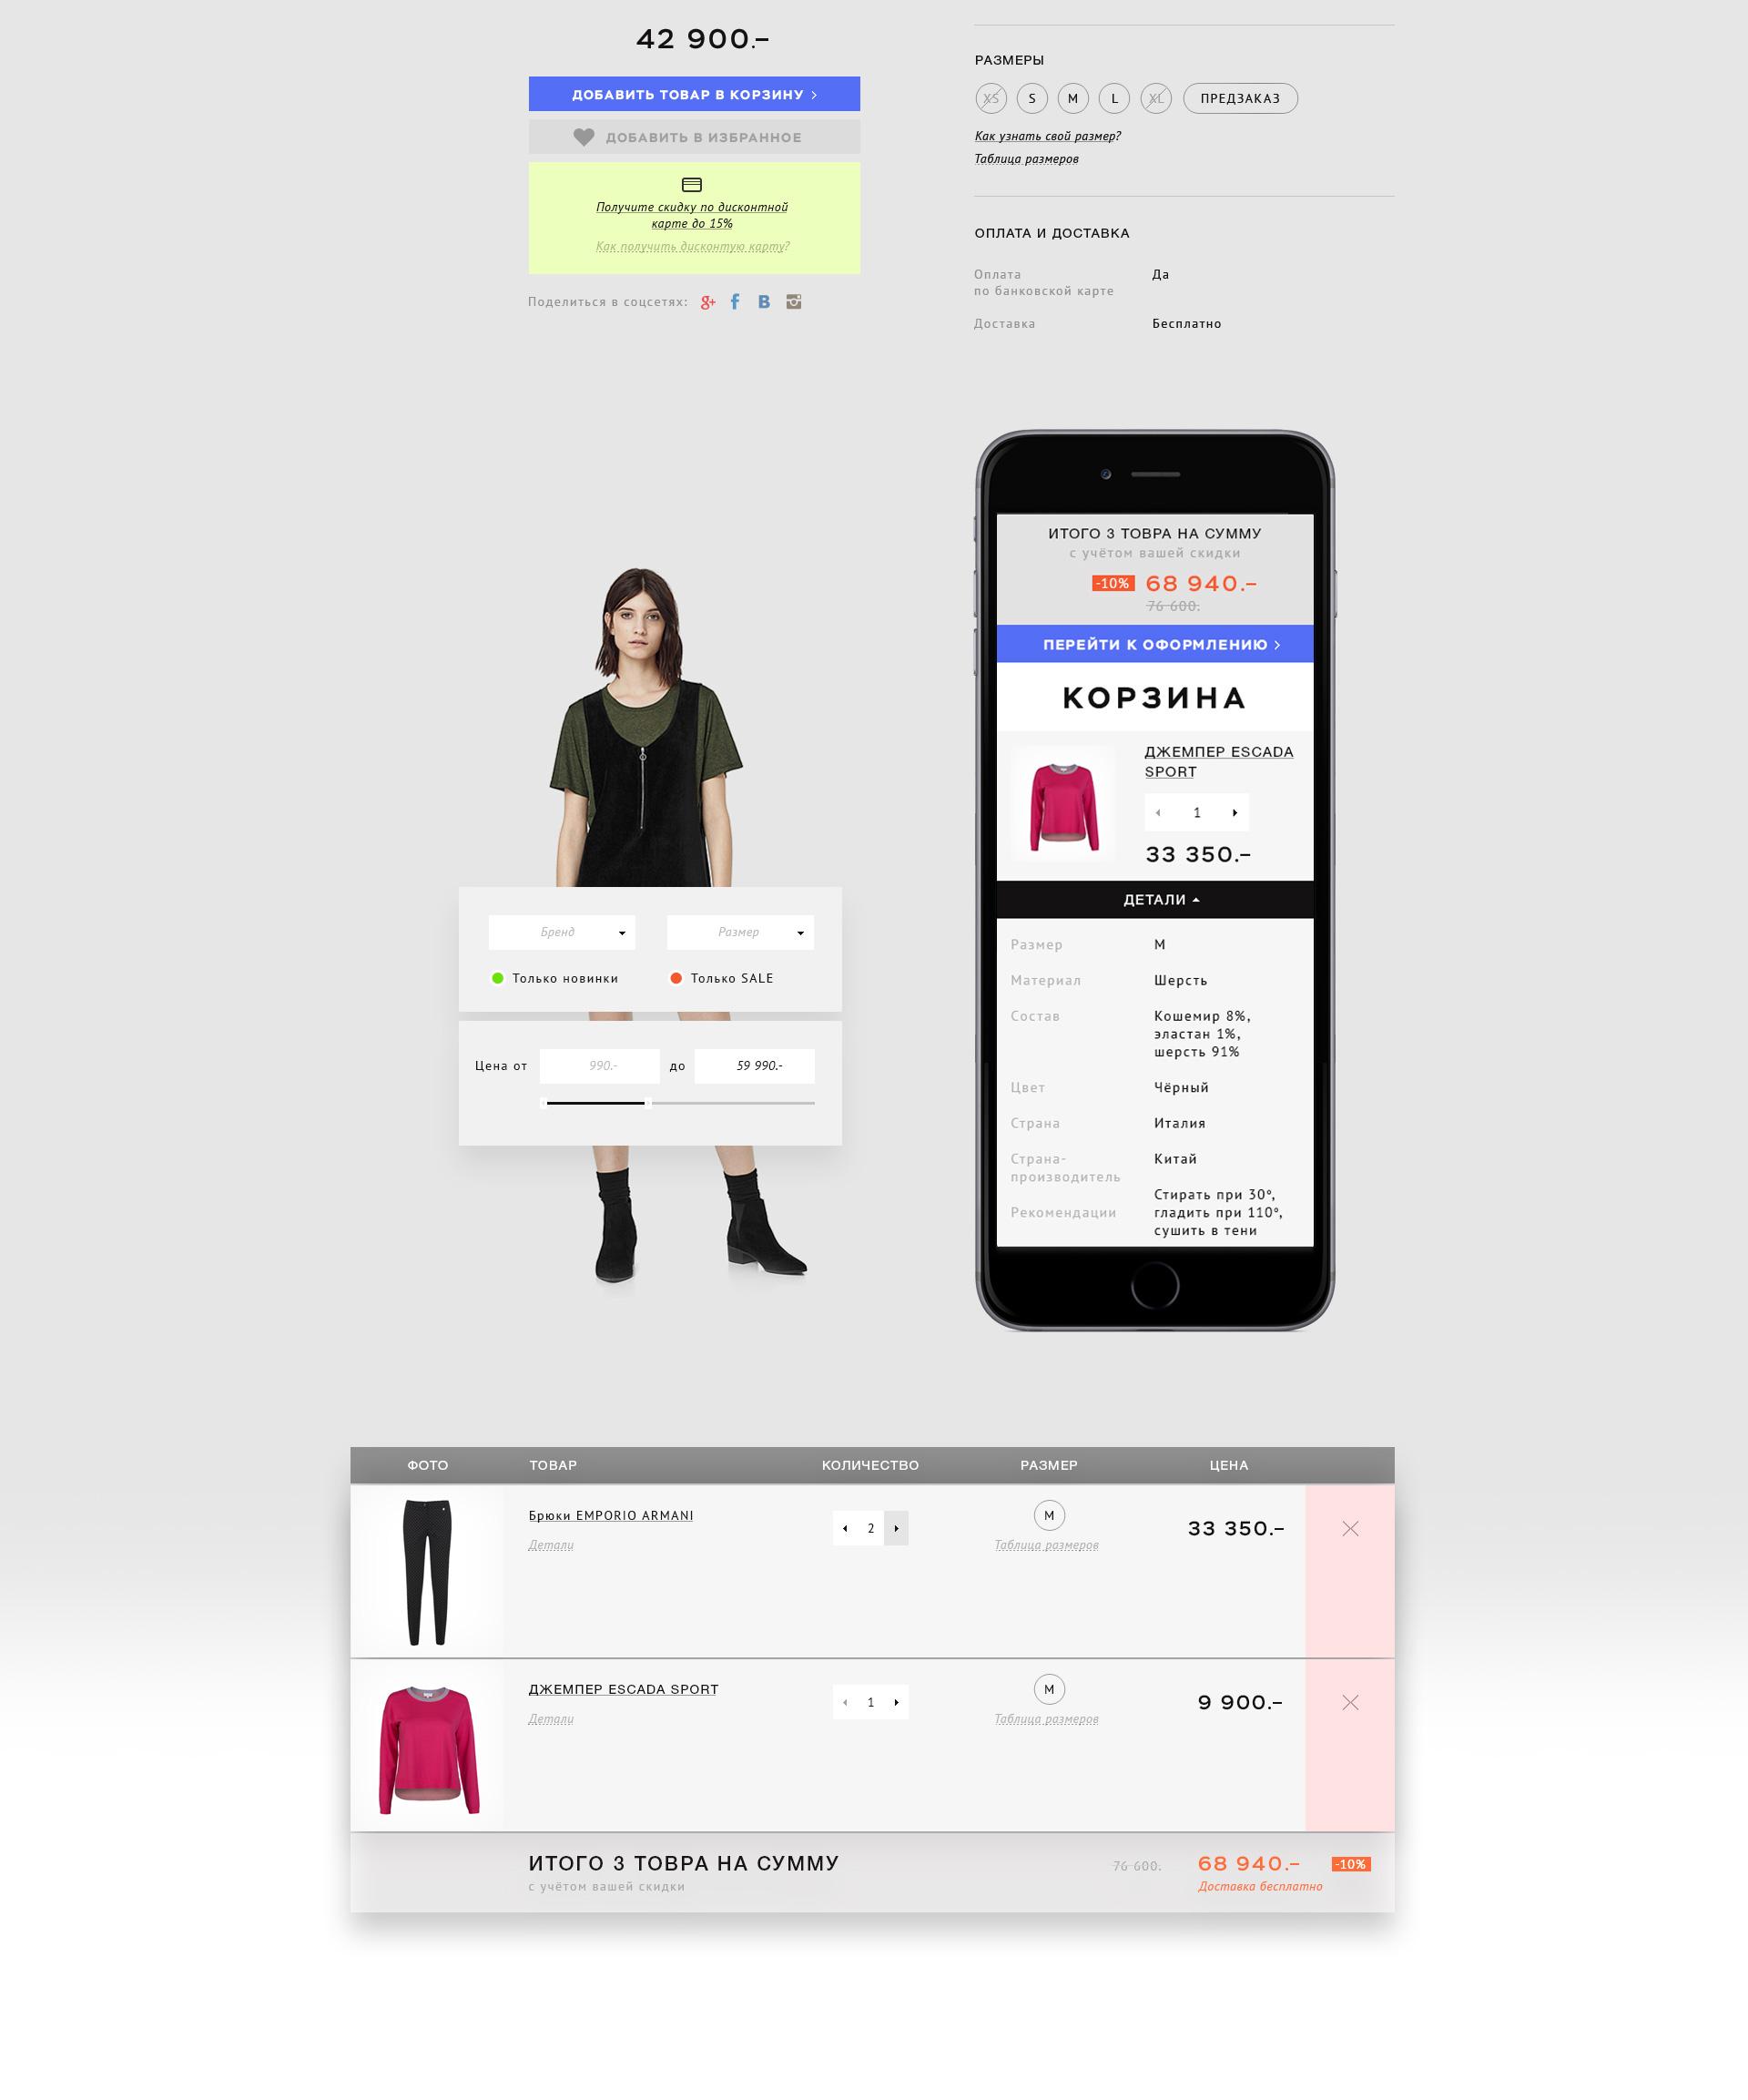 e6cb4bfca7a Интернет-магазин «Персона» торгует брендовой мужской и женской одеждой